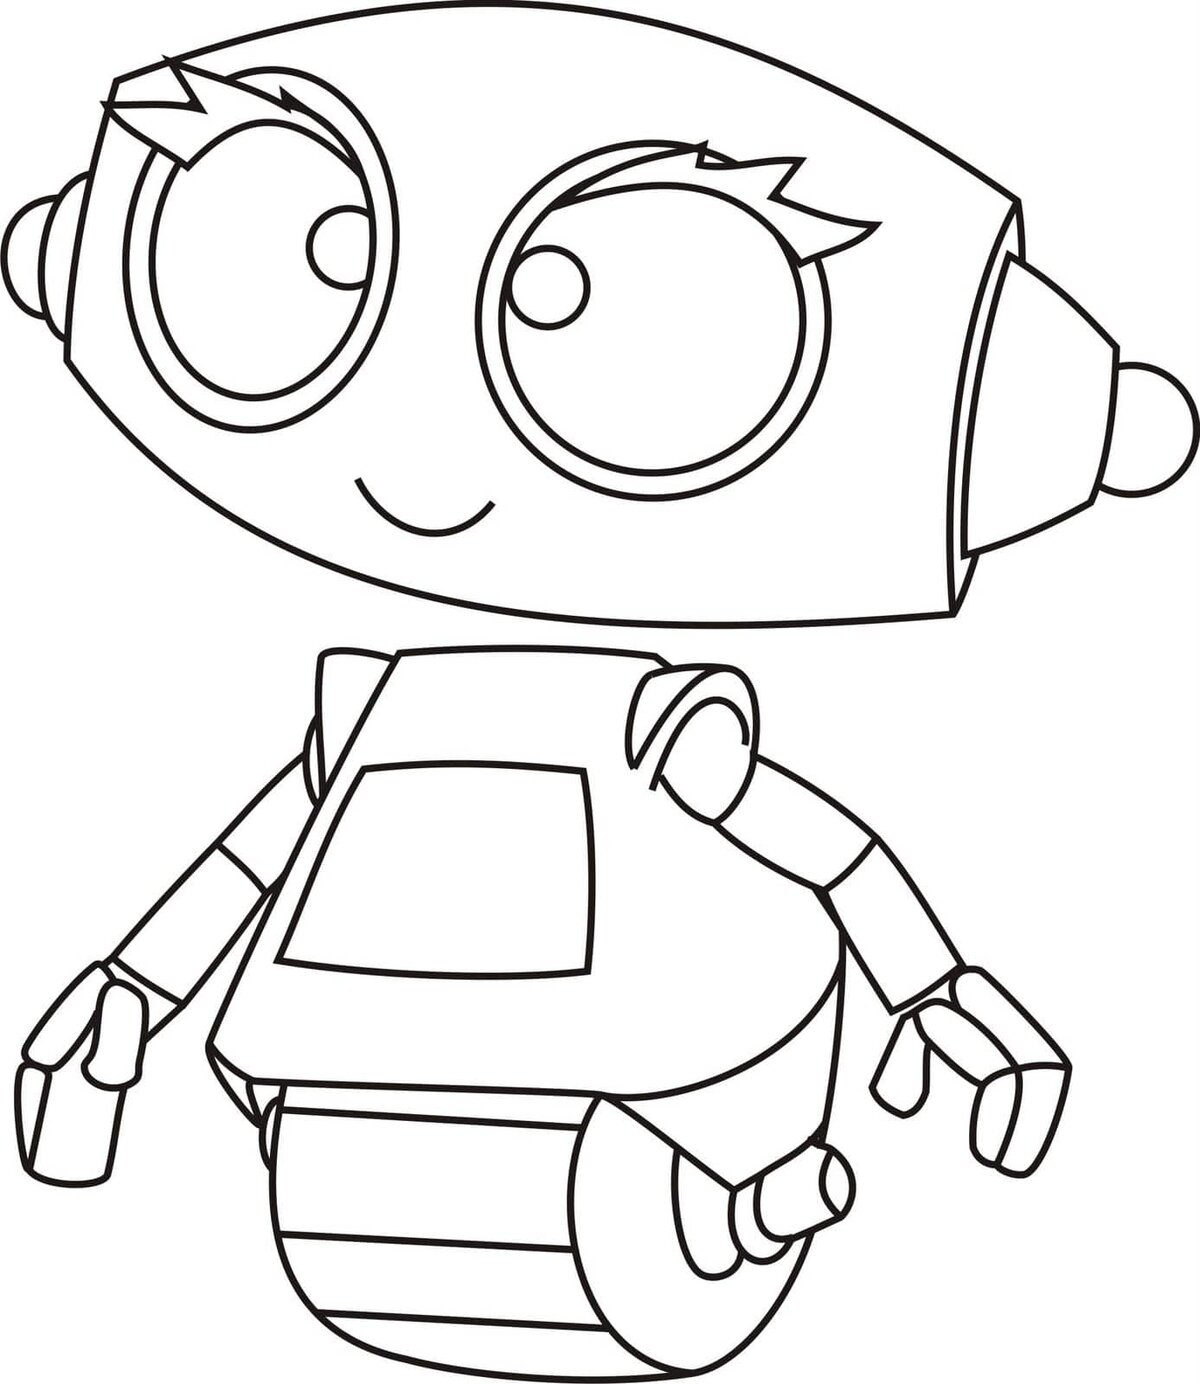 «Раскраски Роботы. Распечатайте онлайн! 100 разукрашек ...